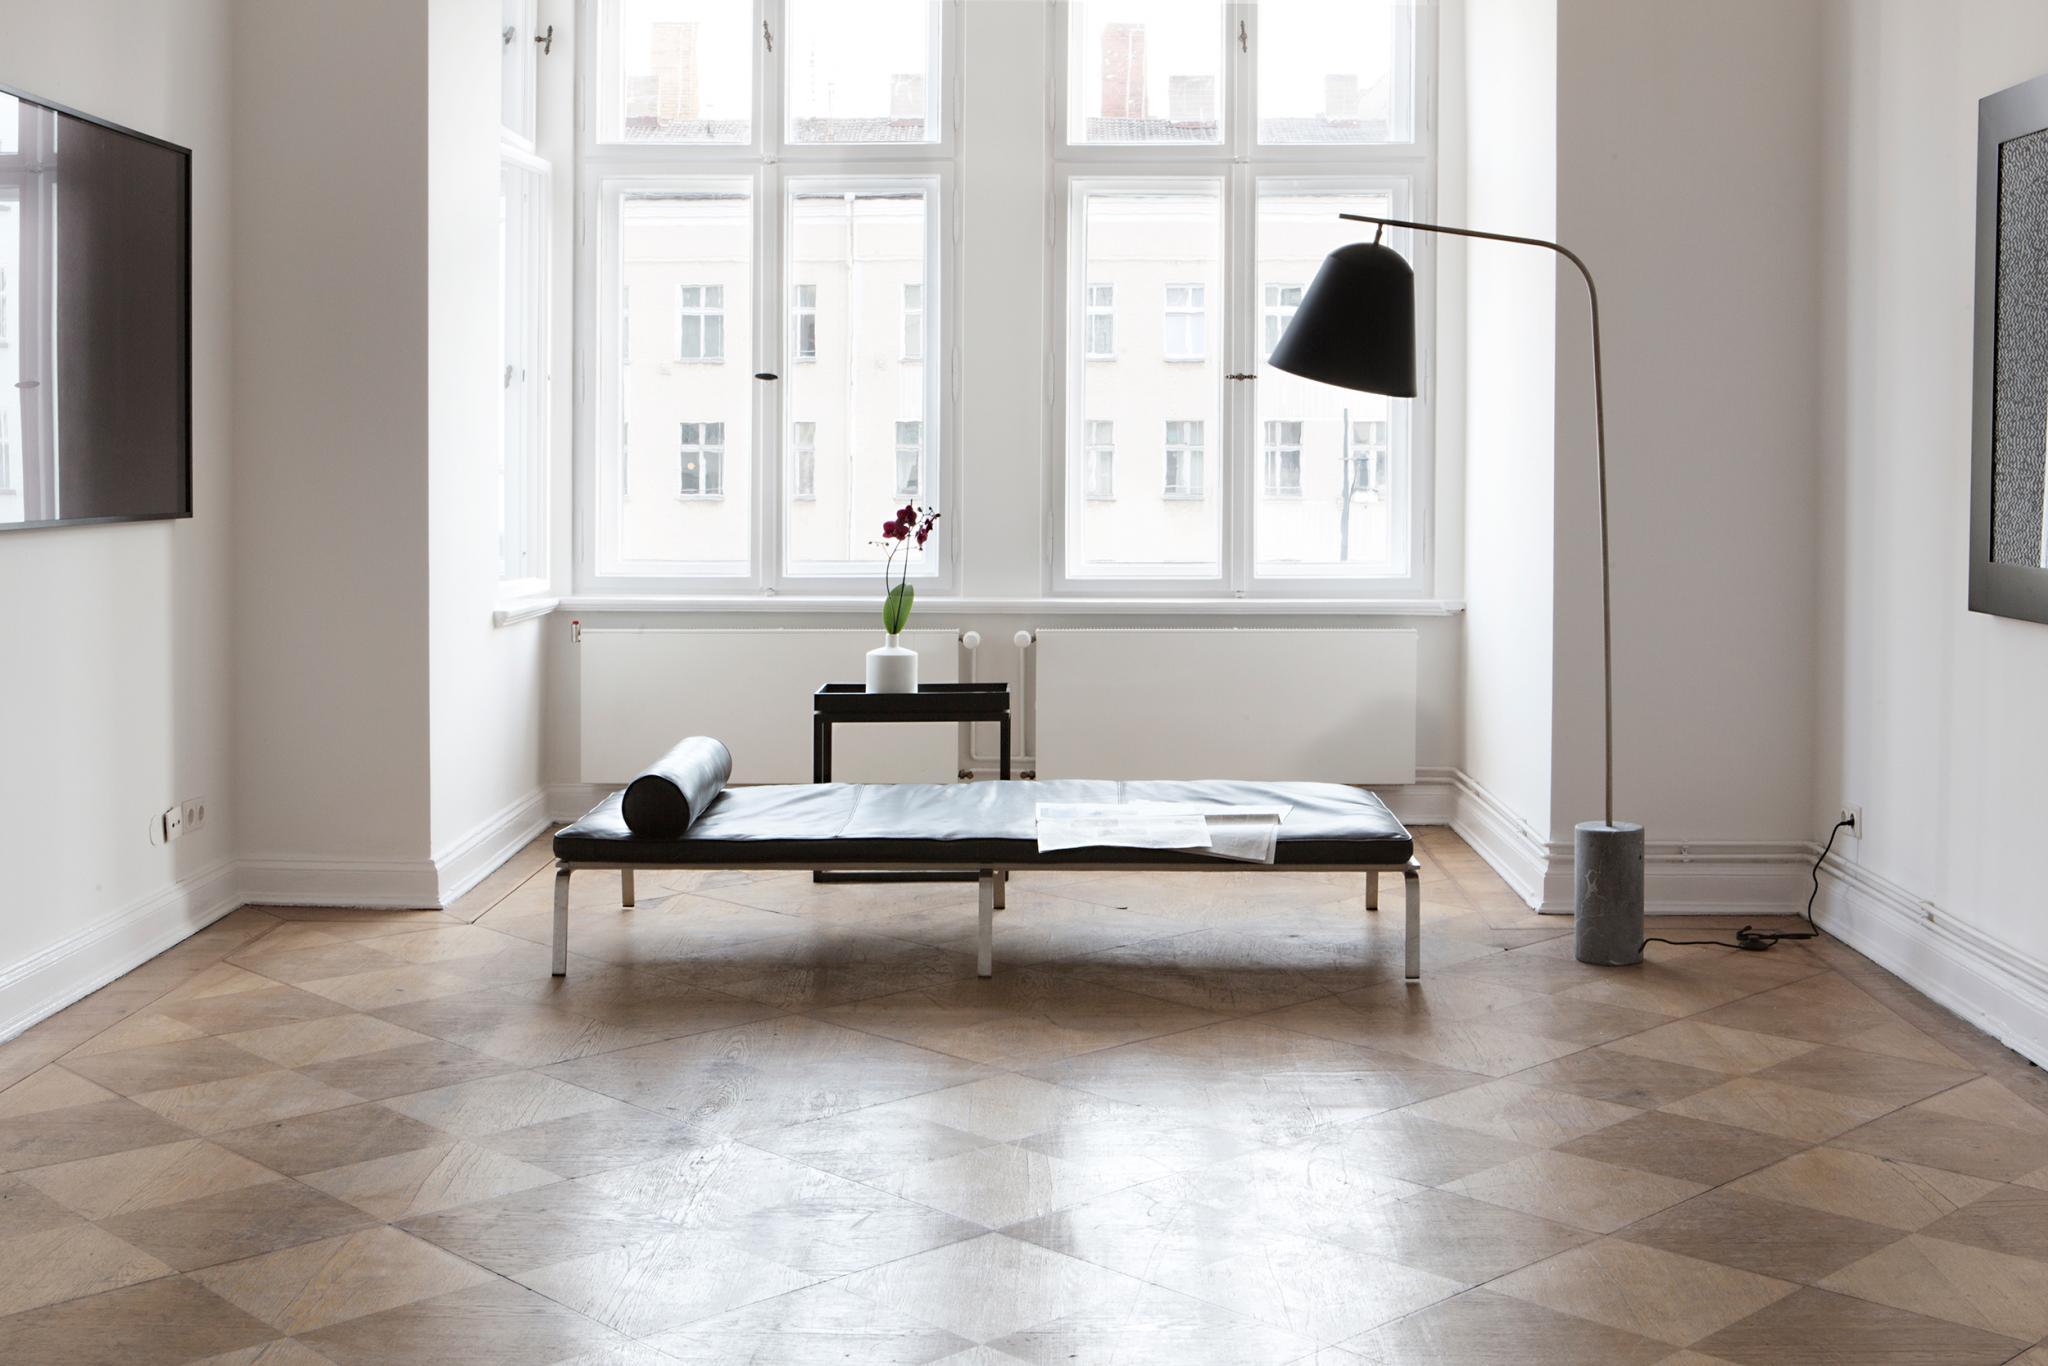 greifswalder strasse 207 fantastic frank. Black Bedroom Furniture Sets. Home Design Ideas